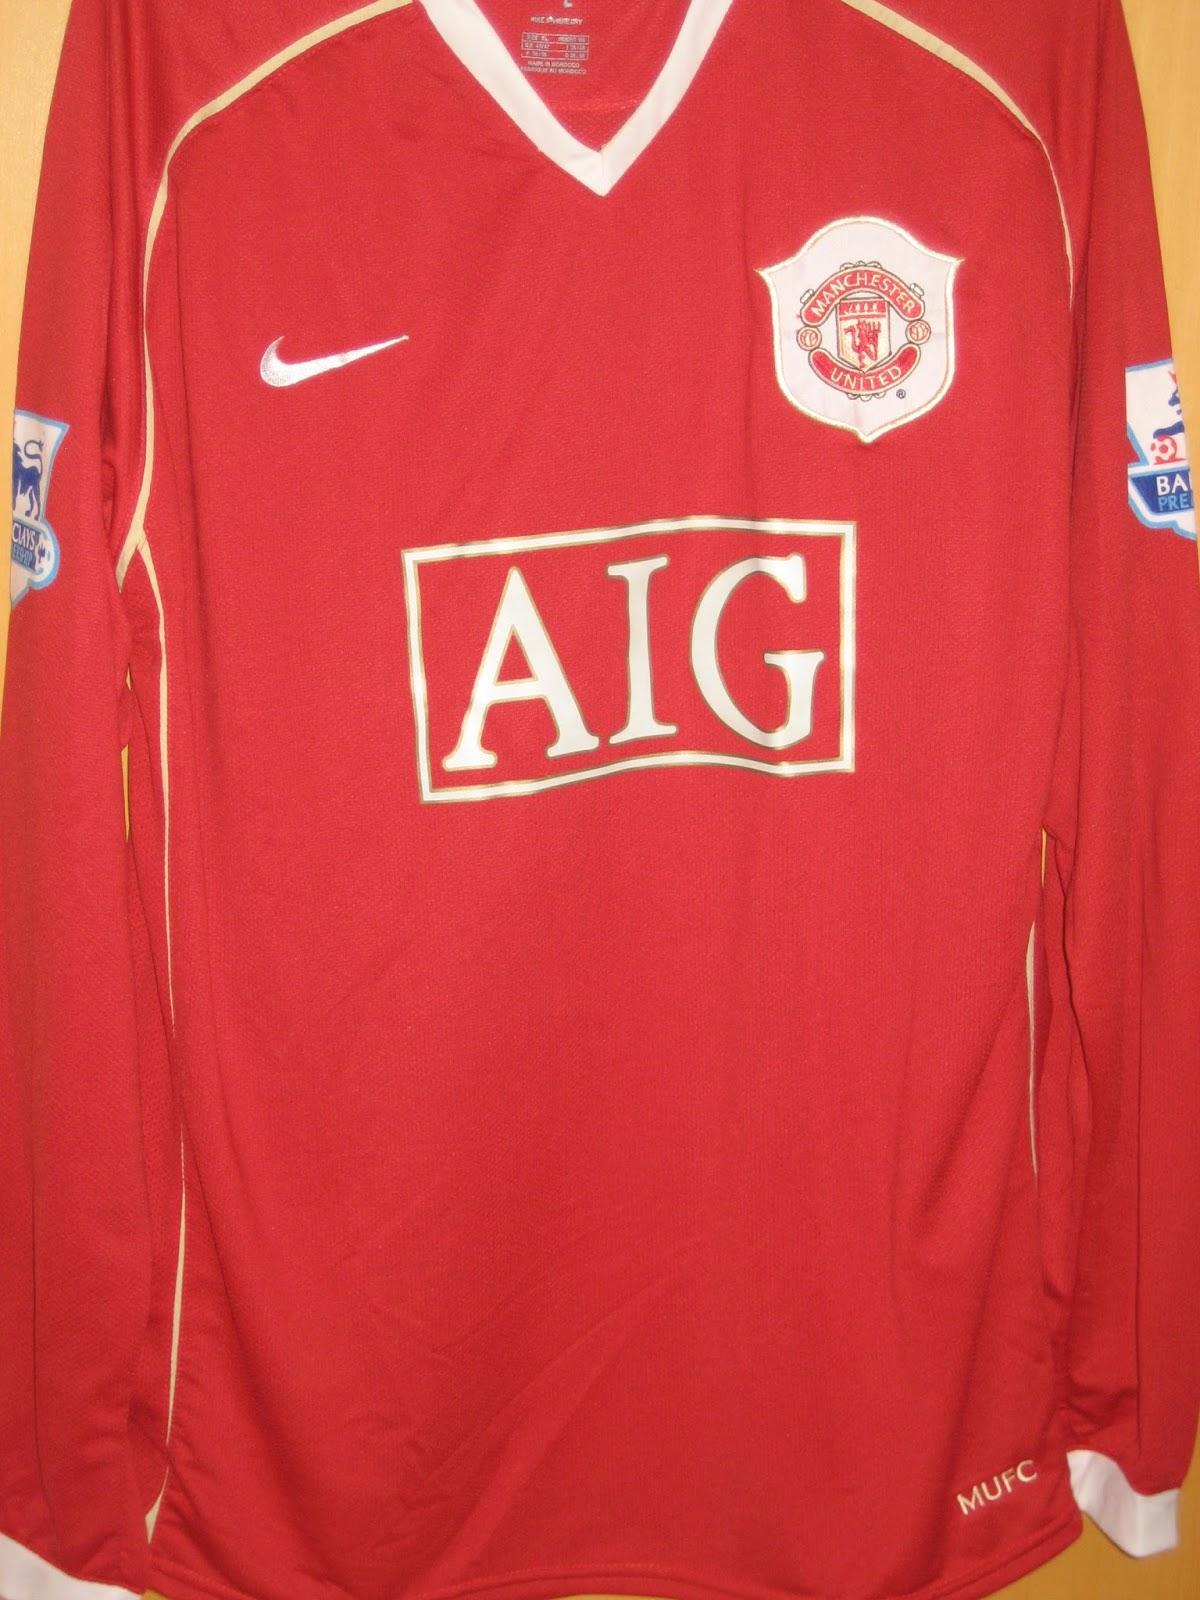 O Futebol Inglês Veste a Camisa - Manchester United 8d6a0dedabd35